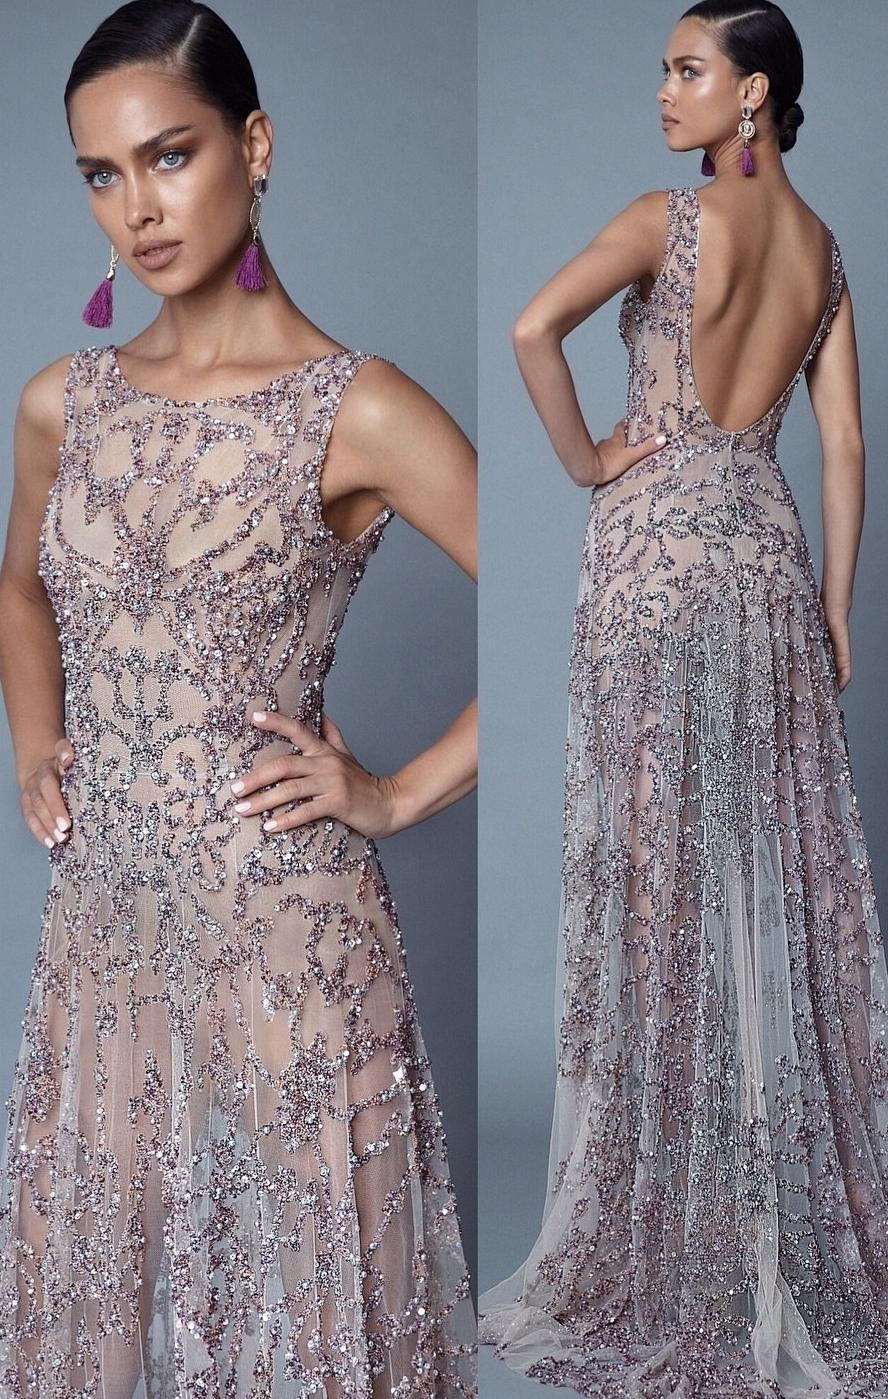 картинка Вечернее платье стеклярусом LUX5 интернет бутик Avolet.ru